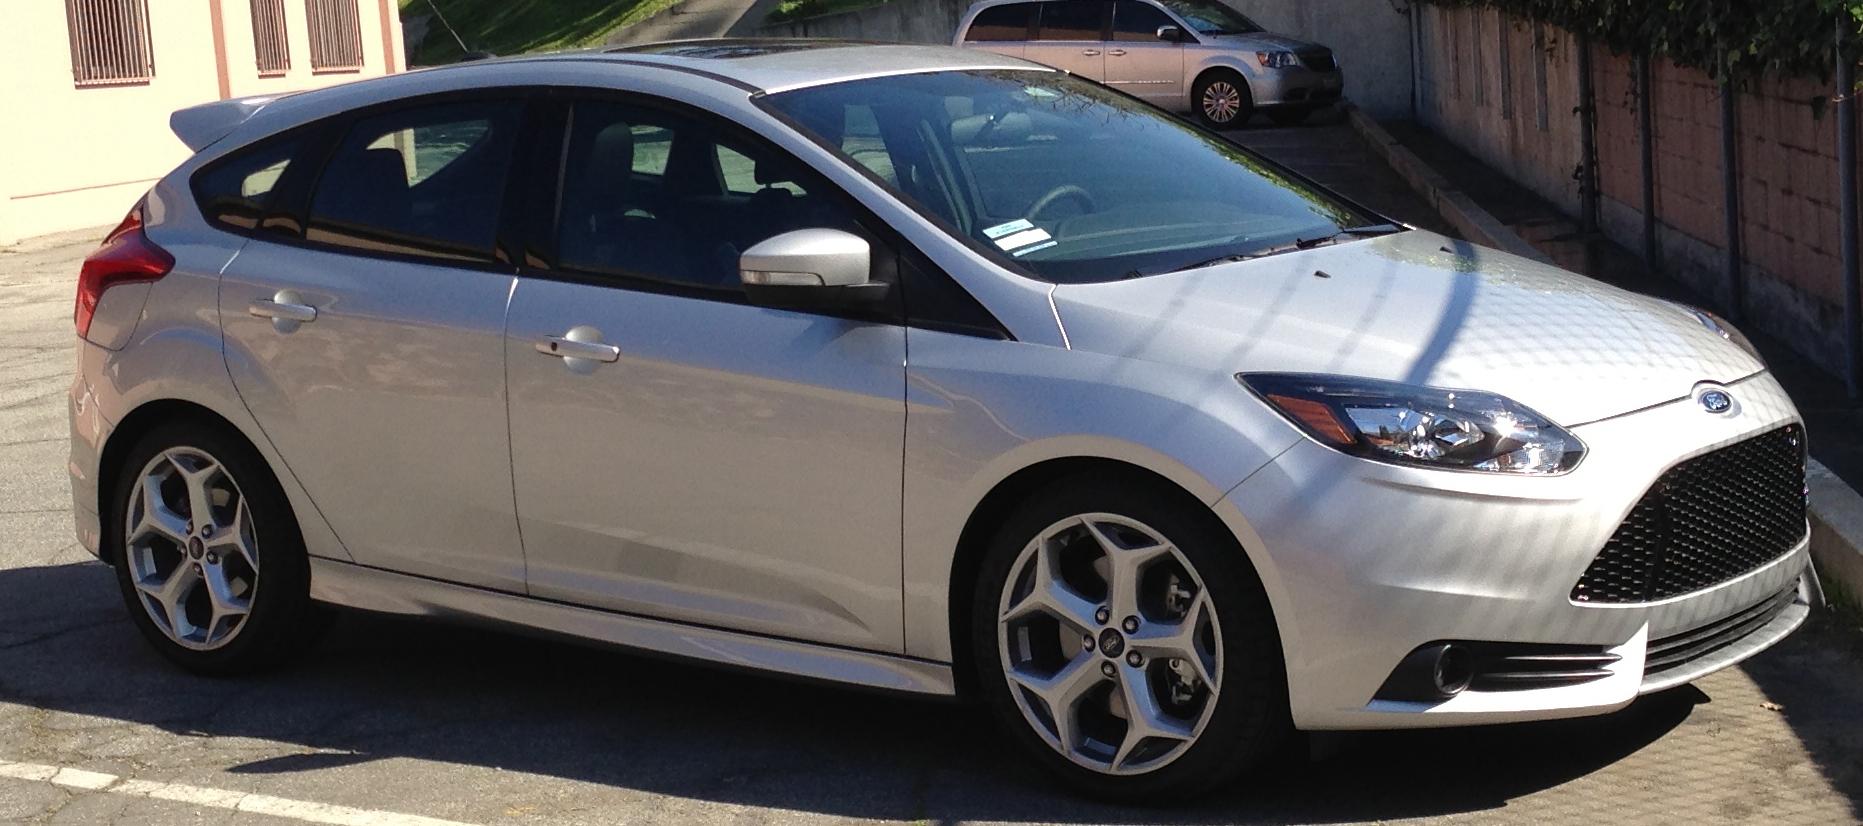 Oaxa S Silver St3